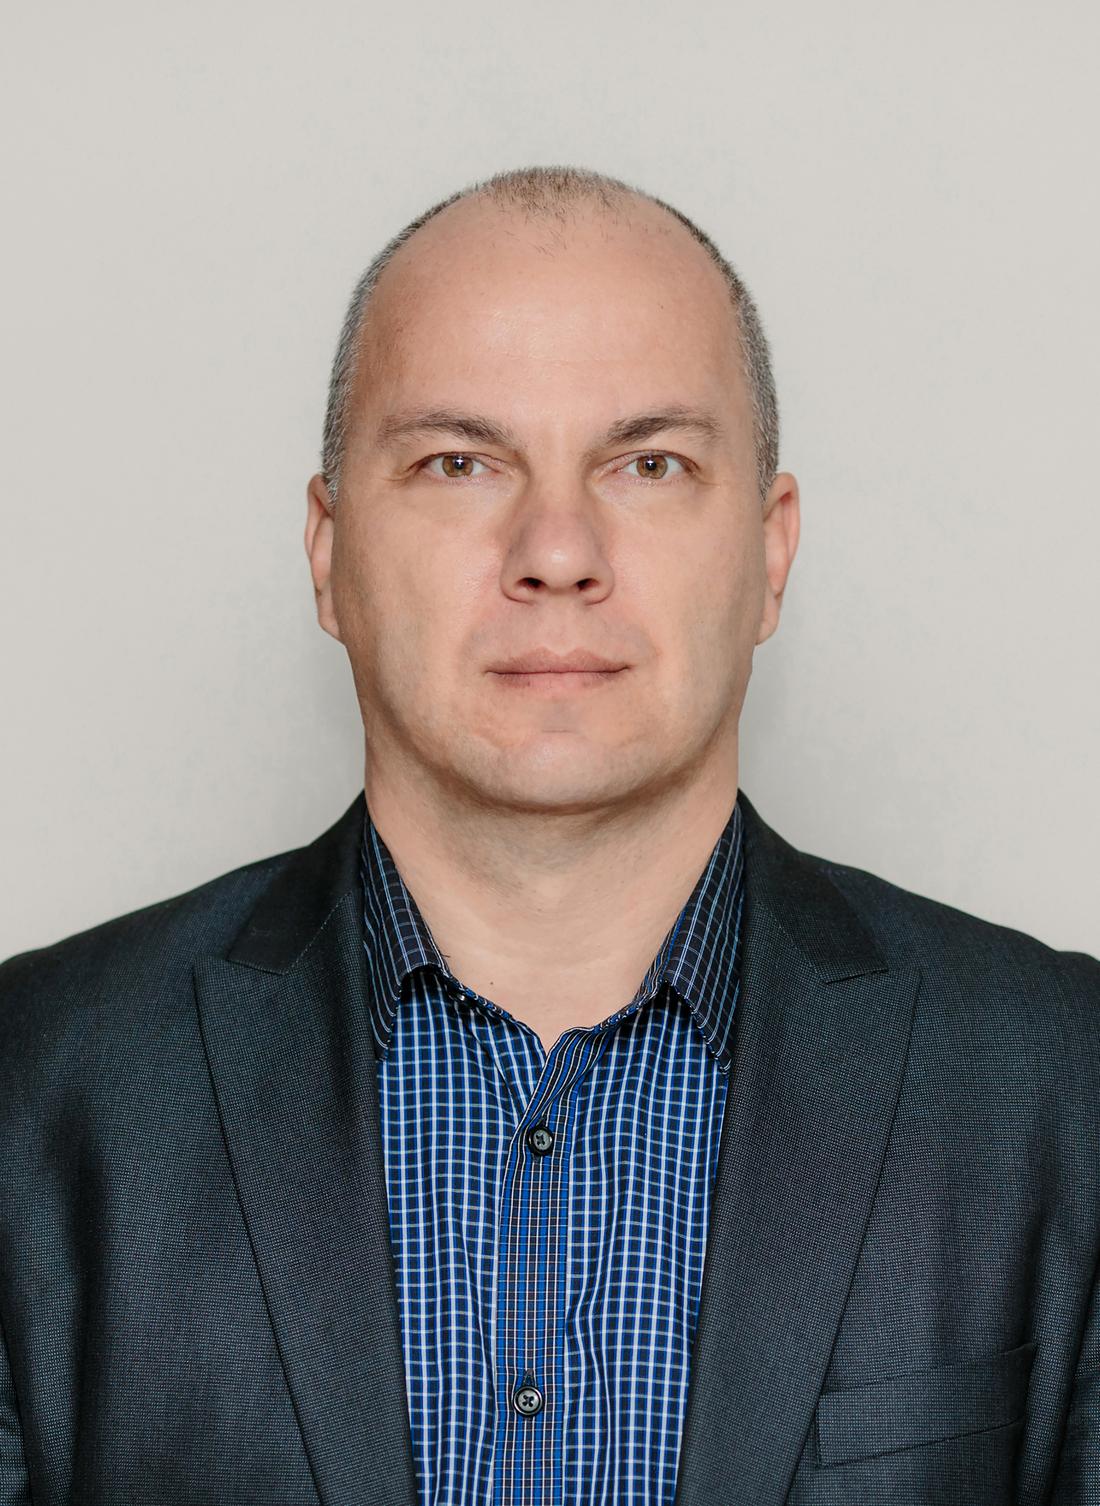 Артемчук Віктор Васильович